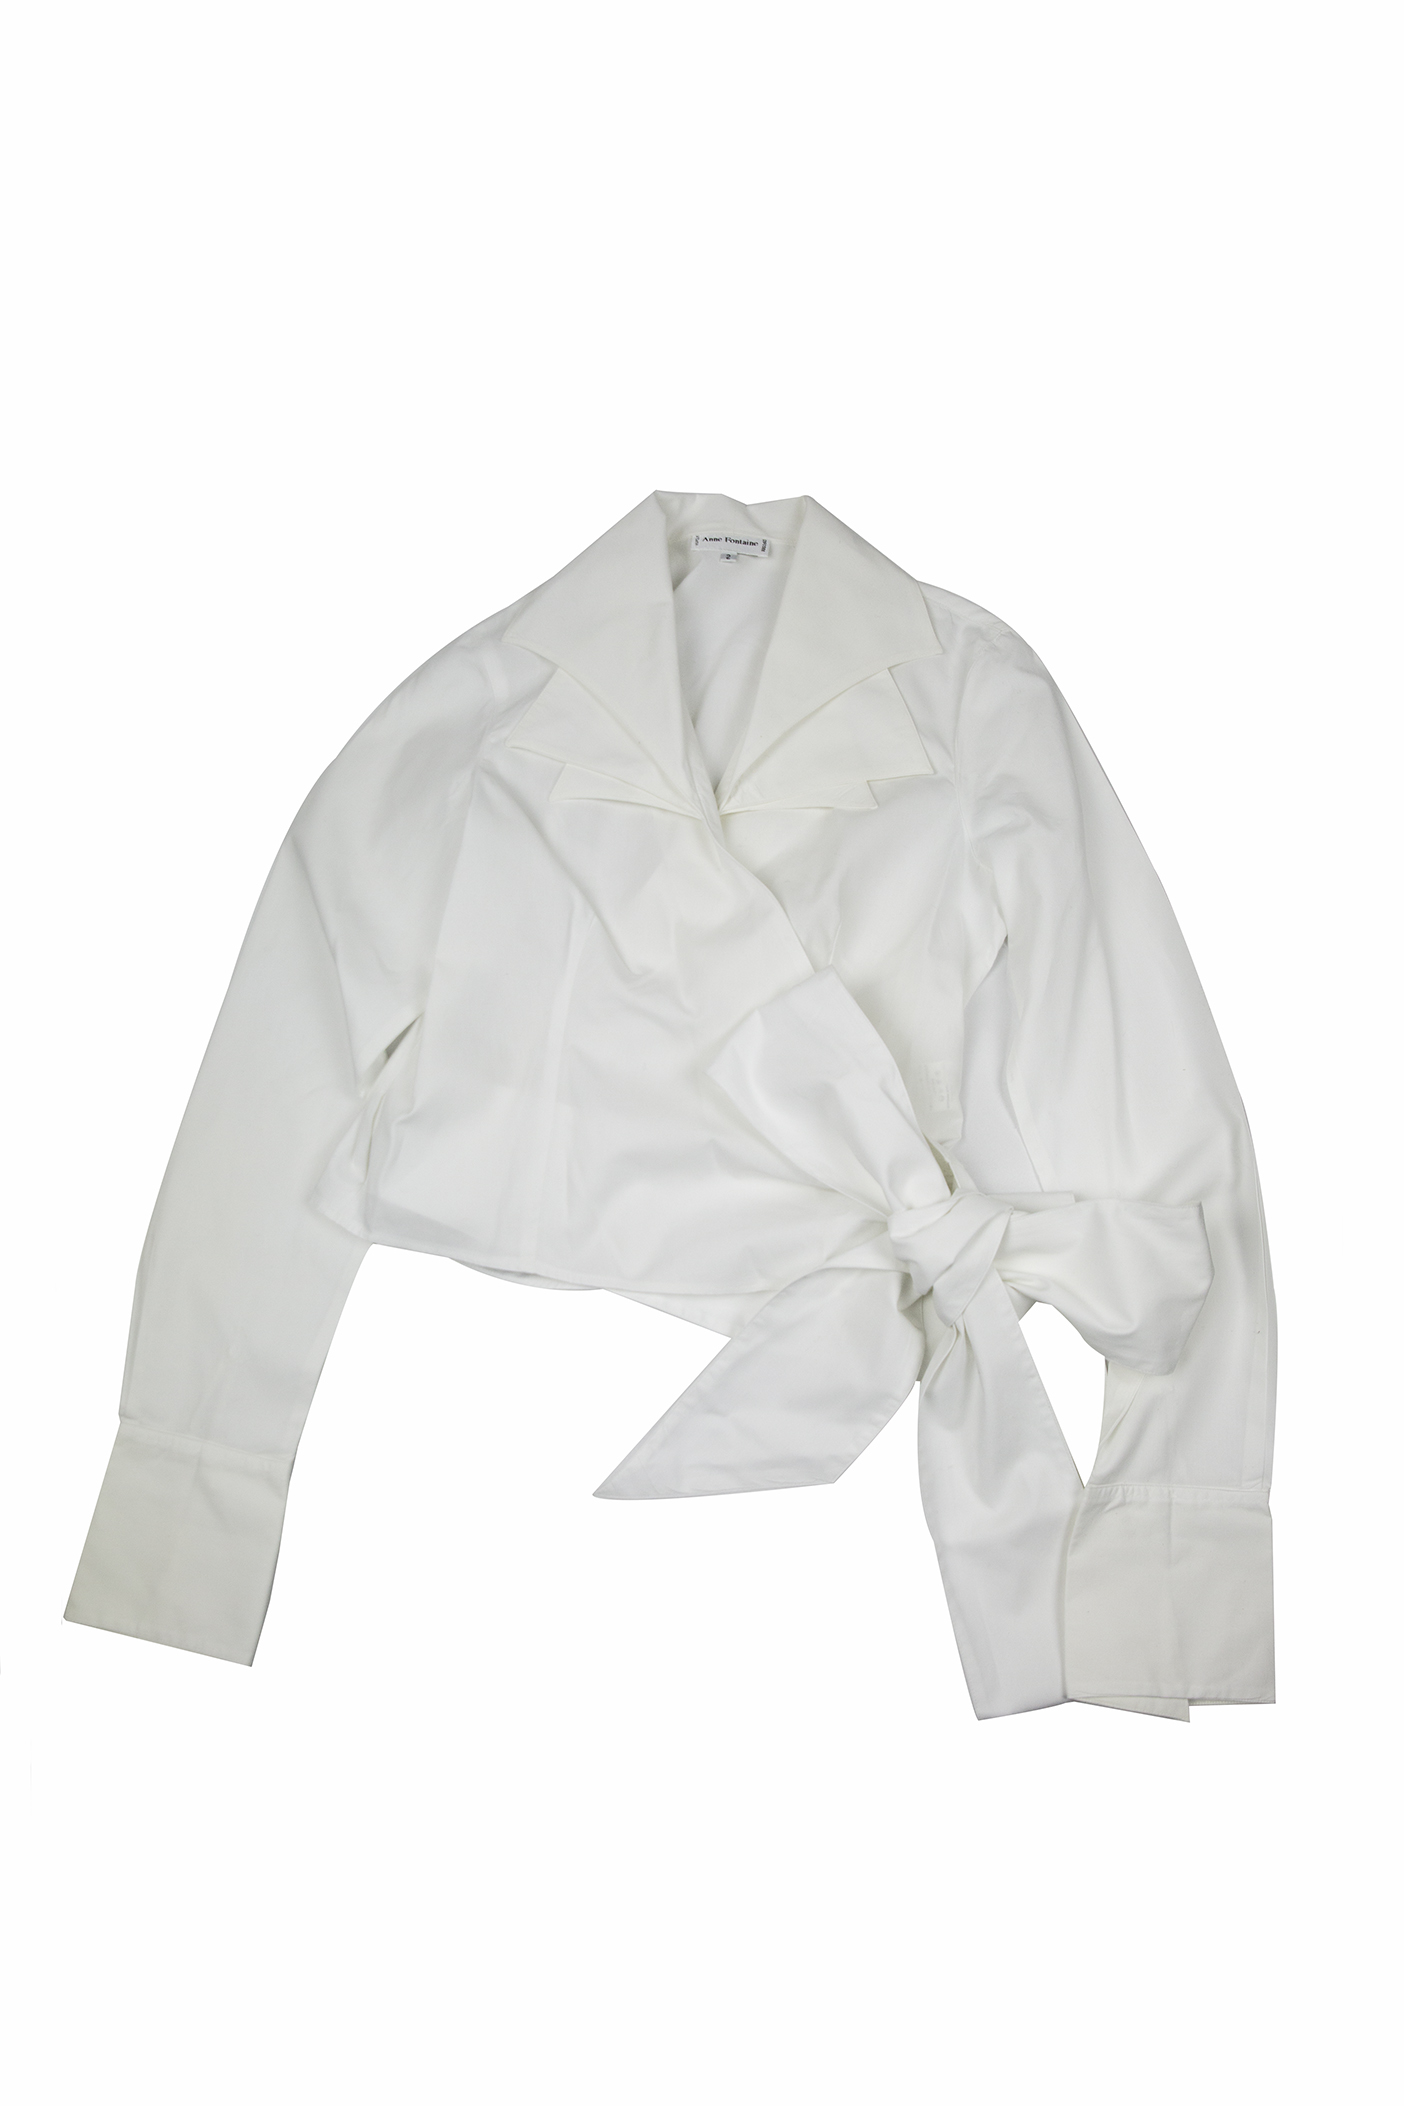 90e4c3b2eab47 Anne Fontaine Shirt - RE-DEFINE